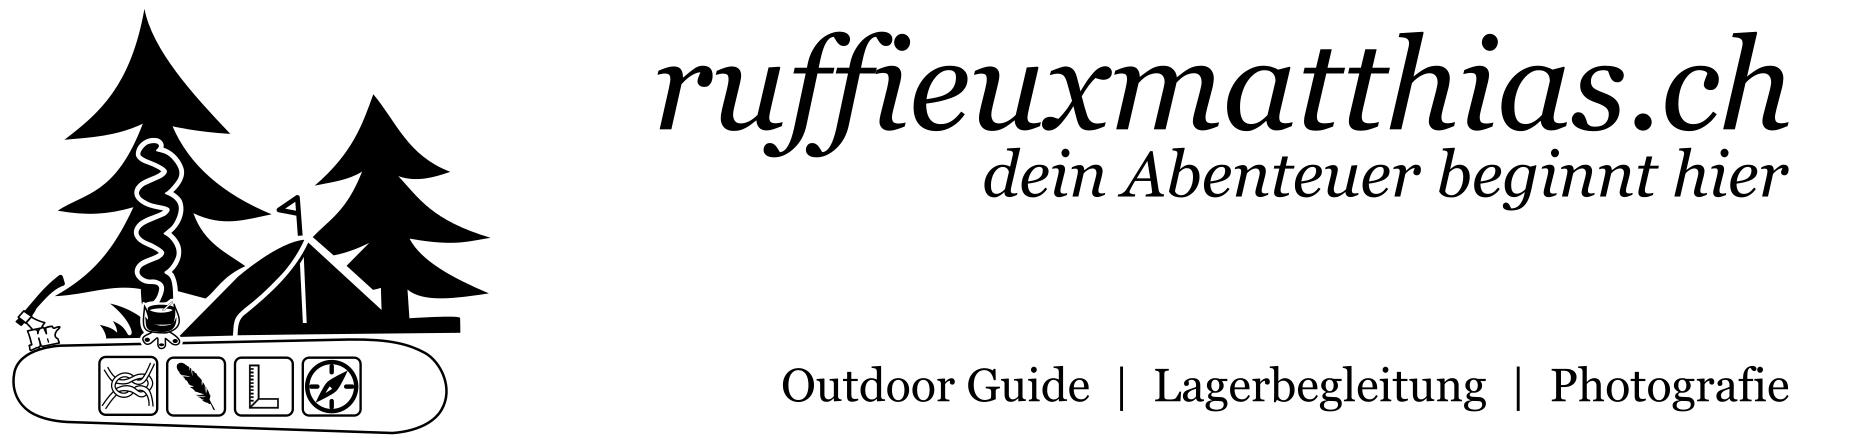 Matthias Ruffieux